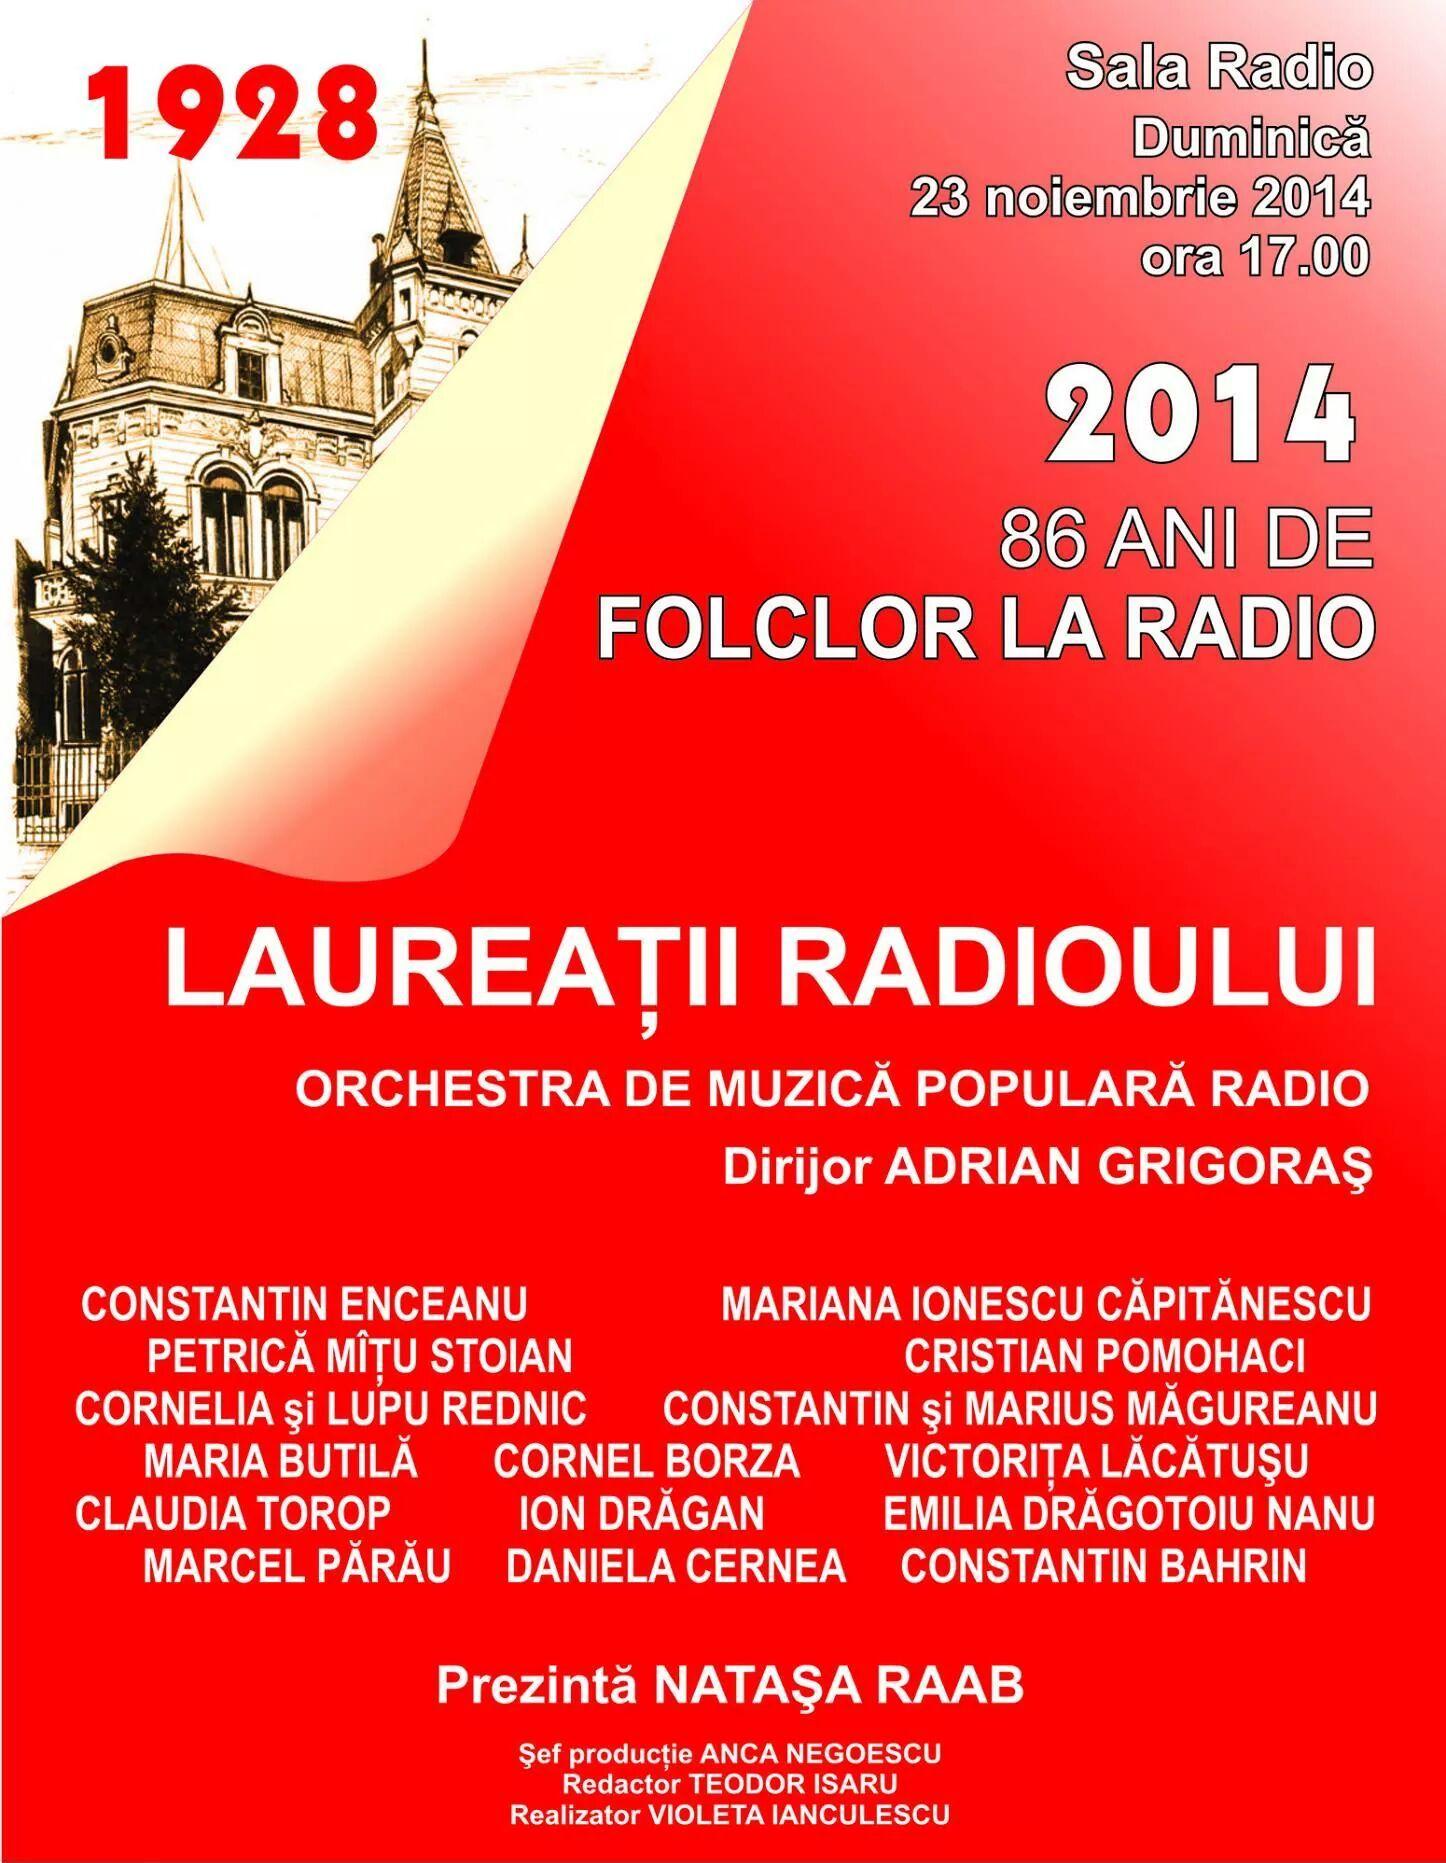 86 de ani de folclor la Radio – Laureaţii Radioului